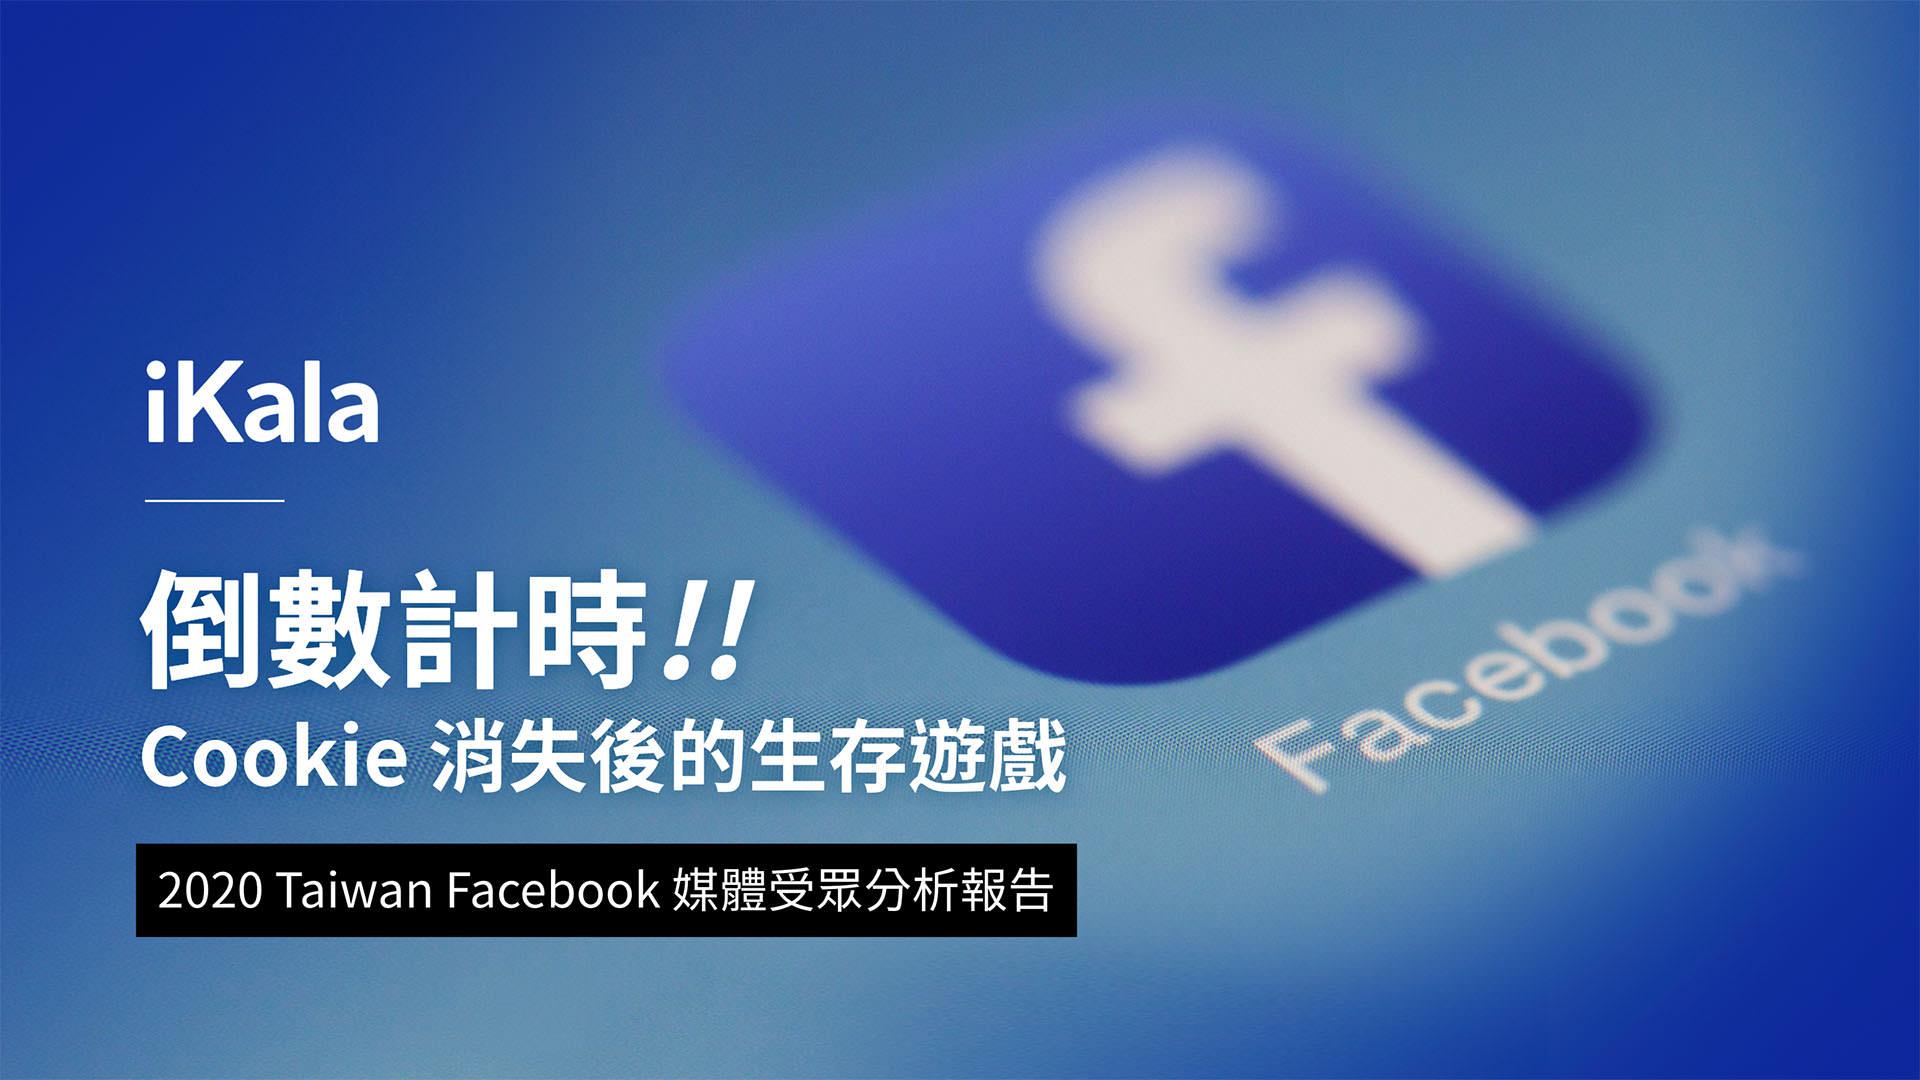 Taiwan Facebook 媒體受眾分析報告